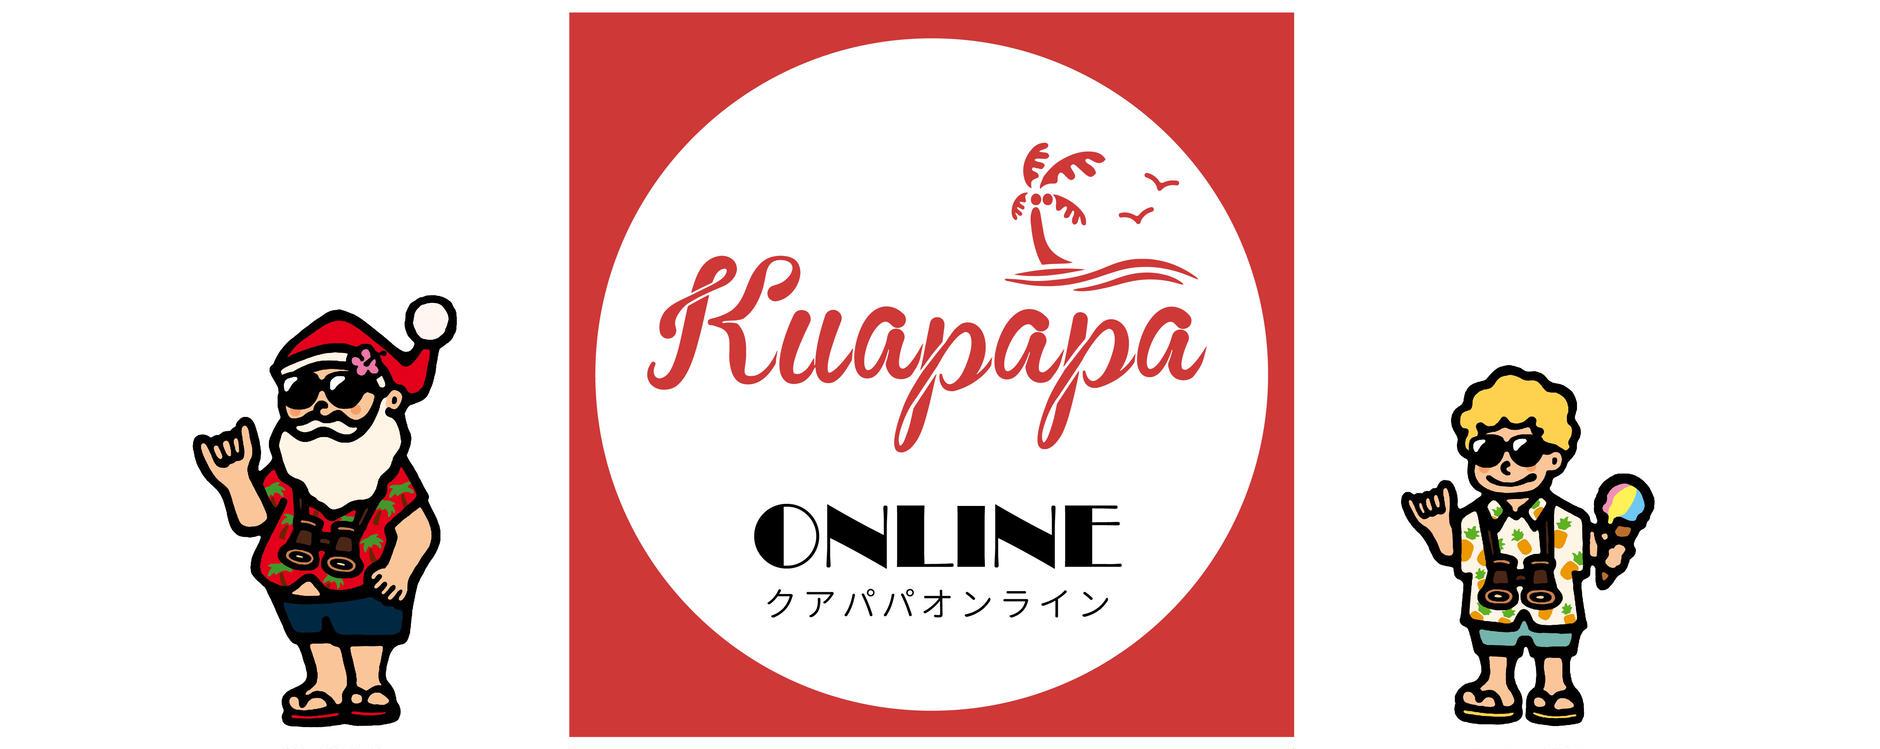 KUAPAPA ONLINE